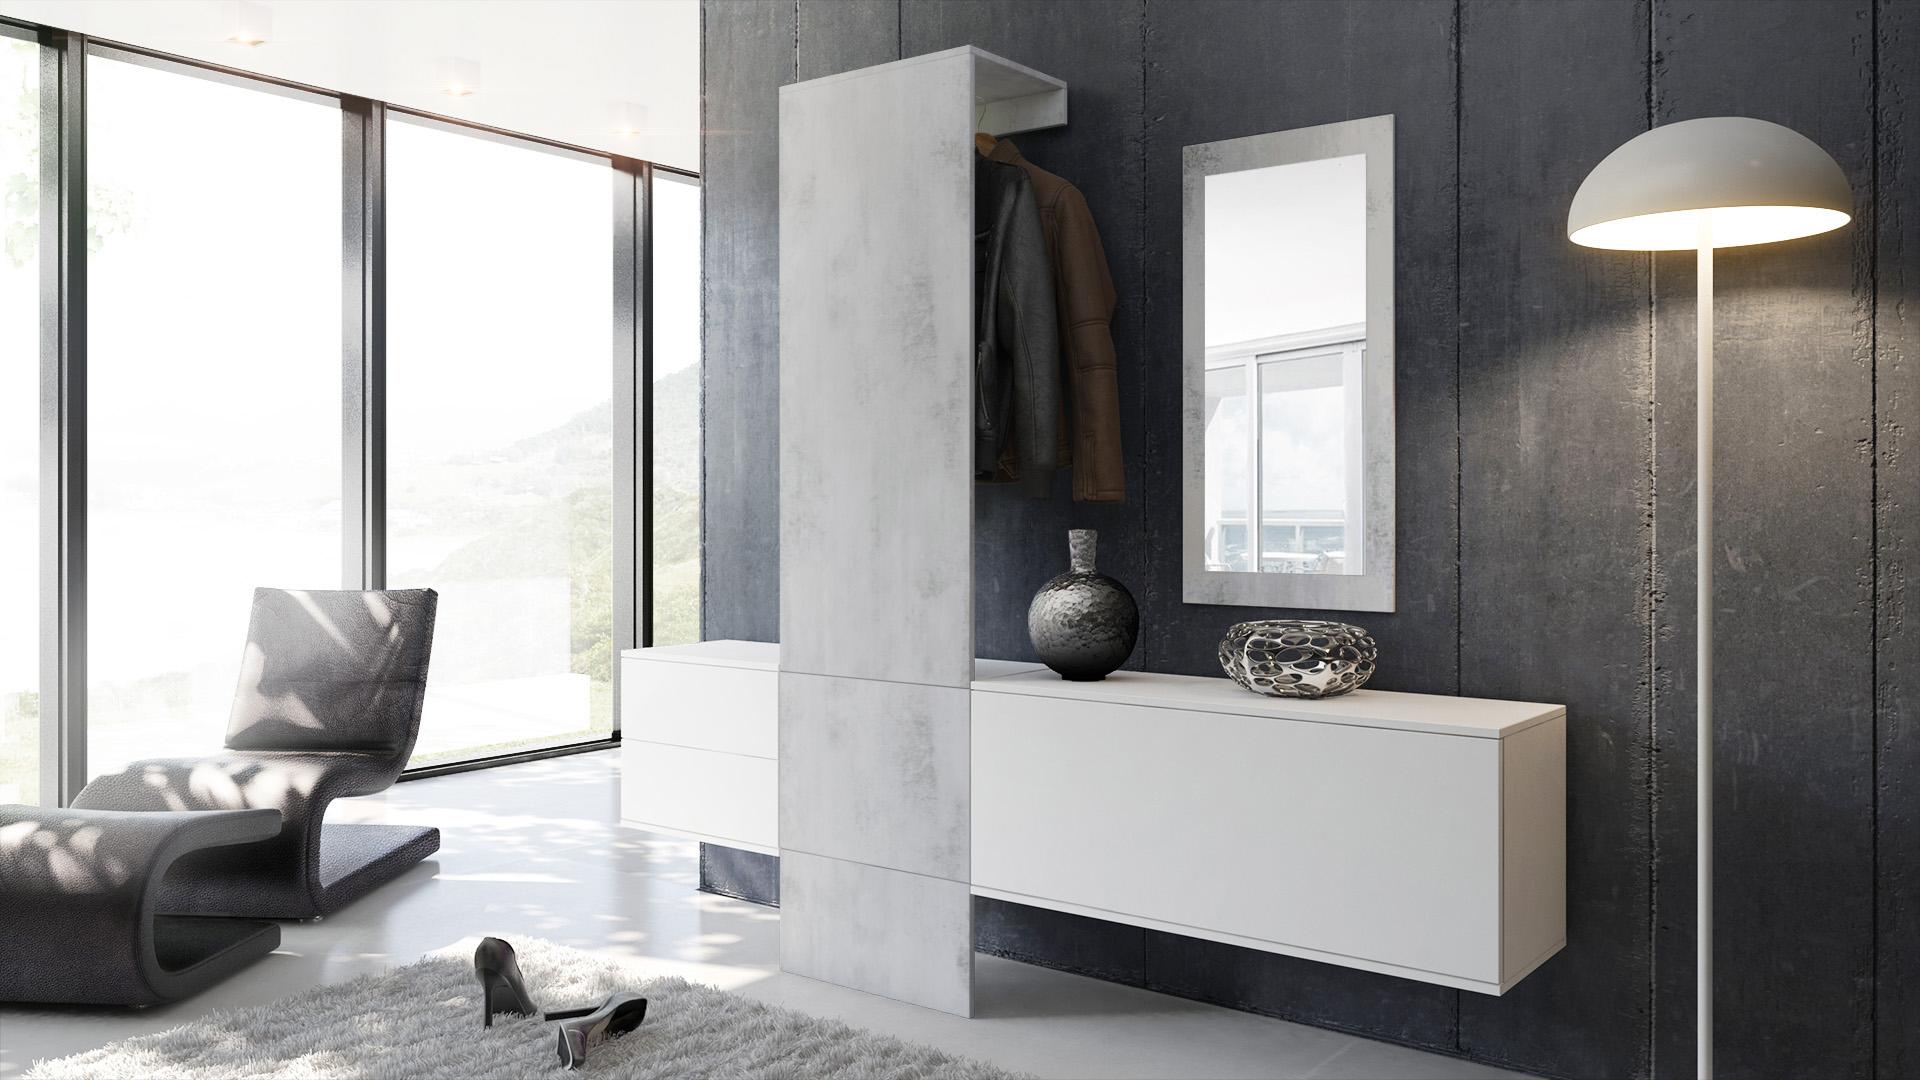 Garderobe garderobenset flur spiegel paneele carlton set 1 for Flur garderoben paneele